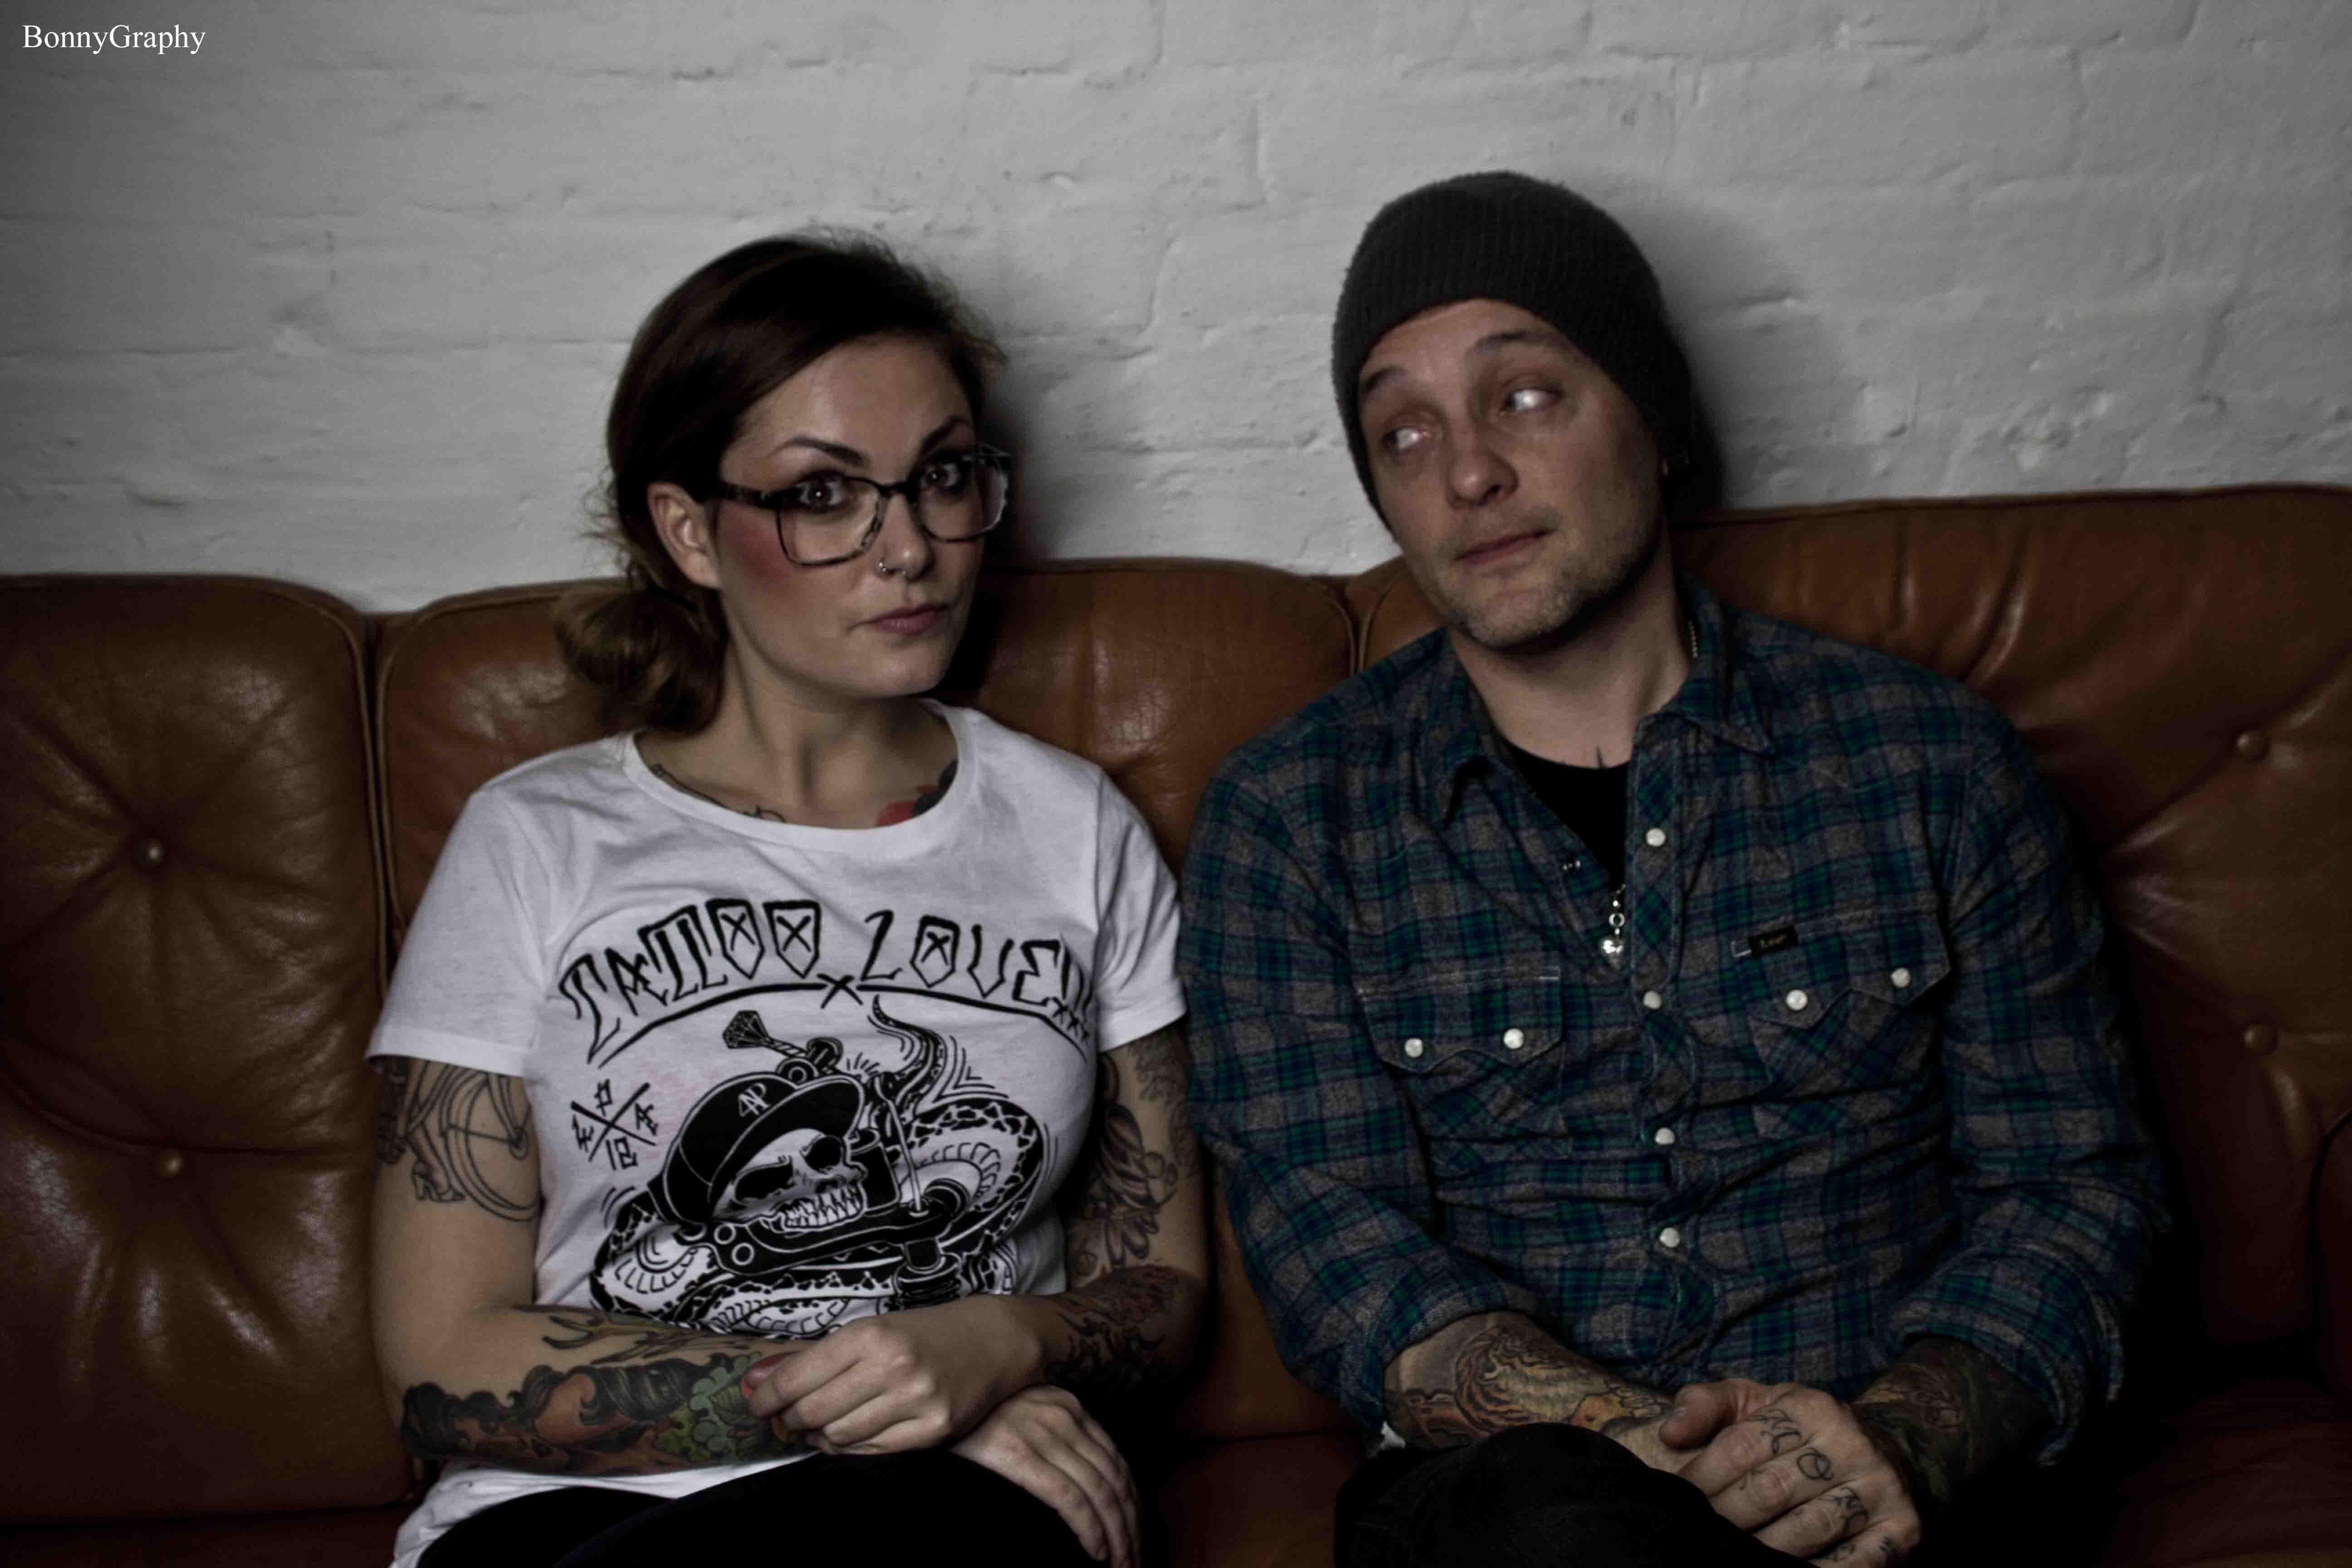 Vicky (li.) mit Dave Hause (Foto by BonnyGraphy)